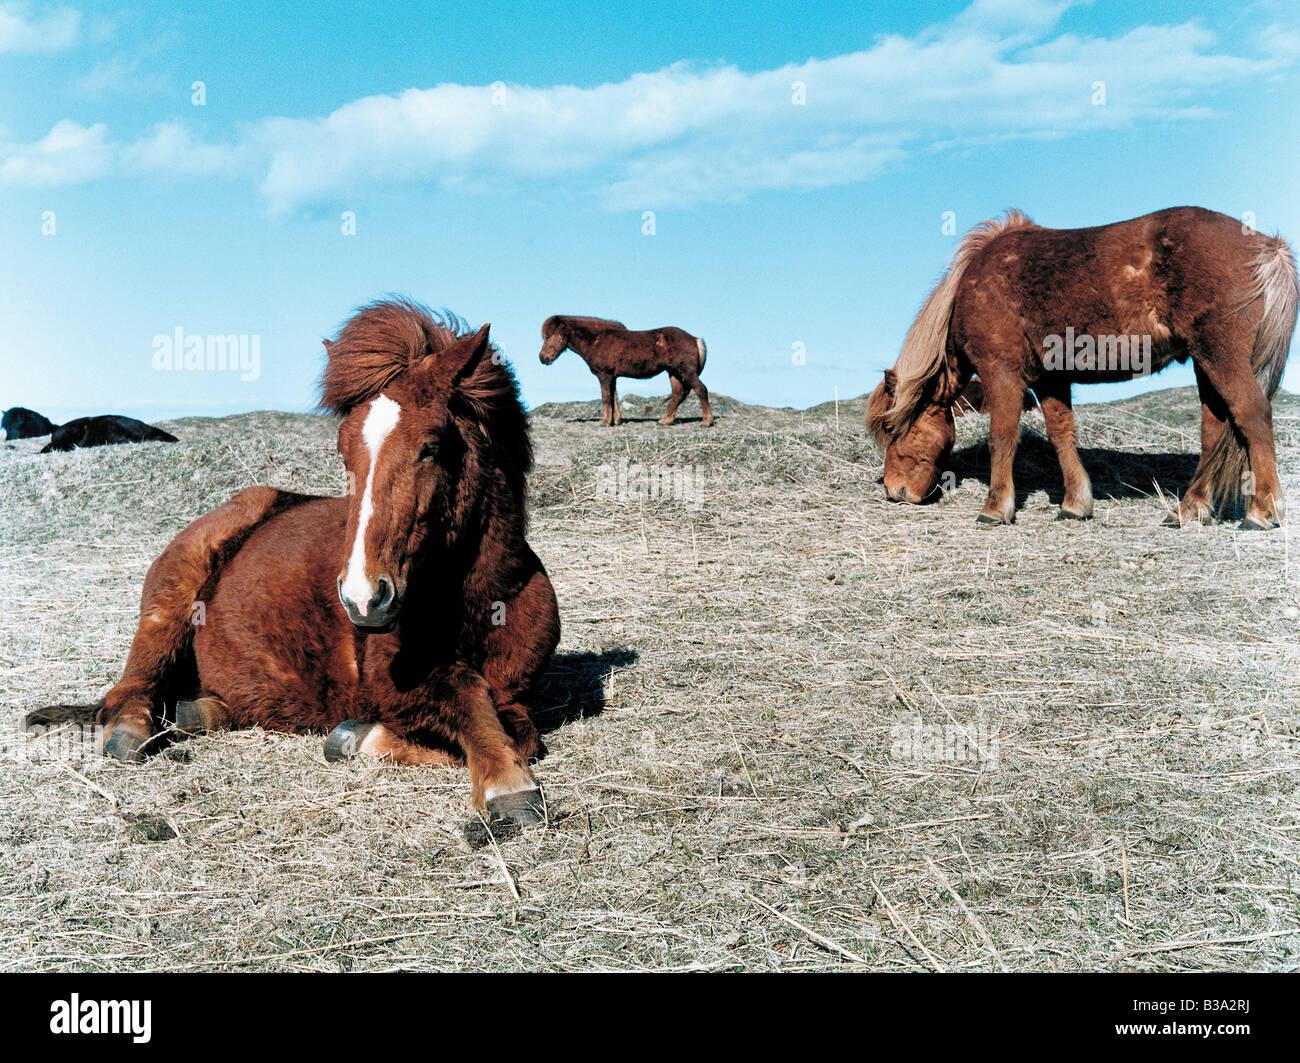 Iceland horses - Stock Image